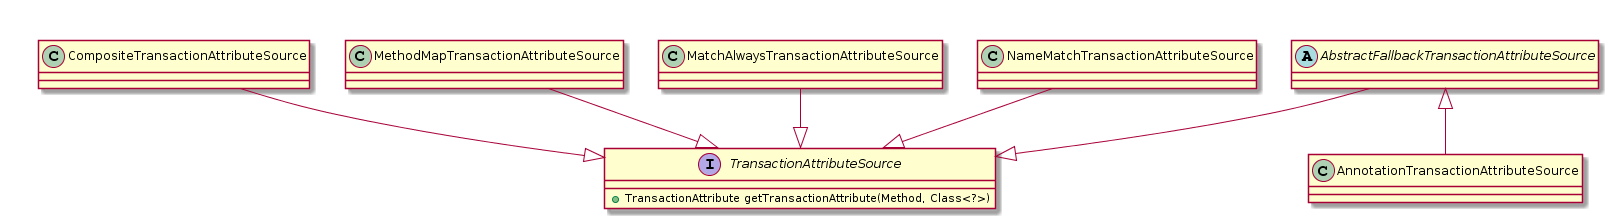 TransactionAttribute类图